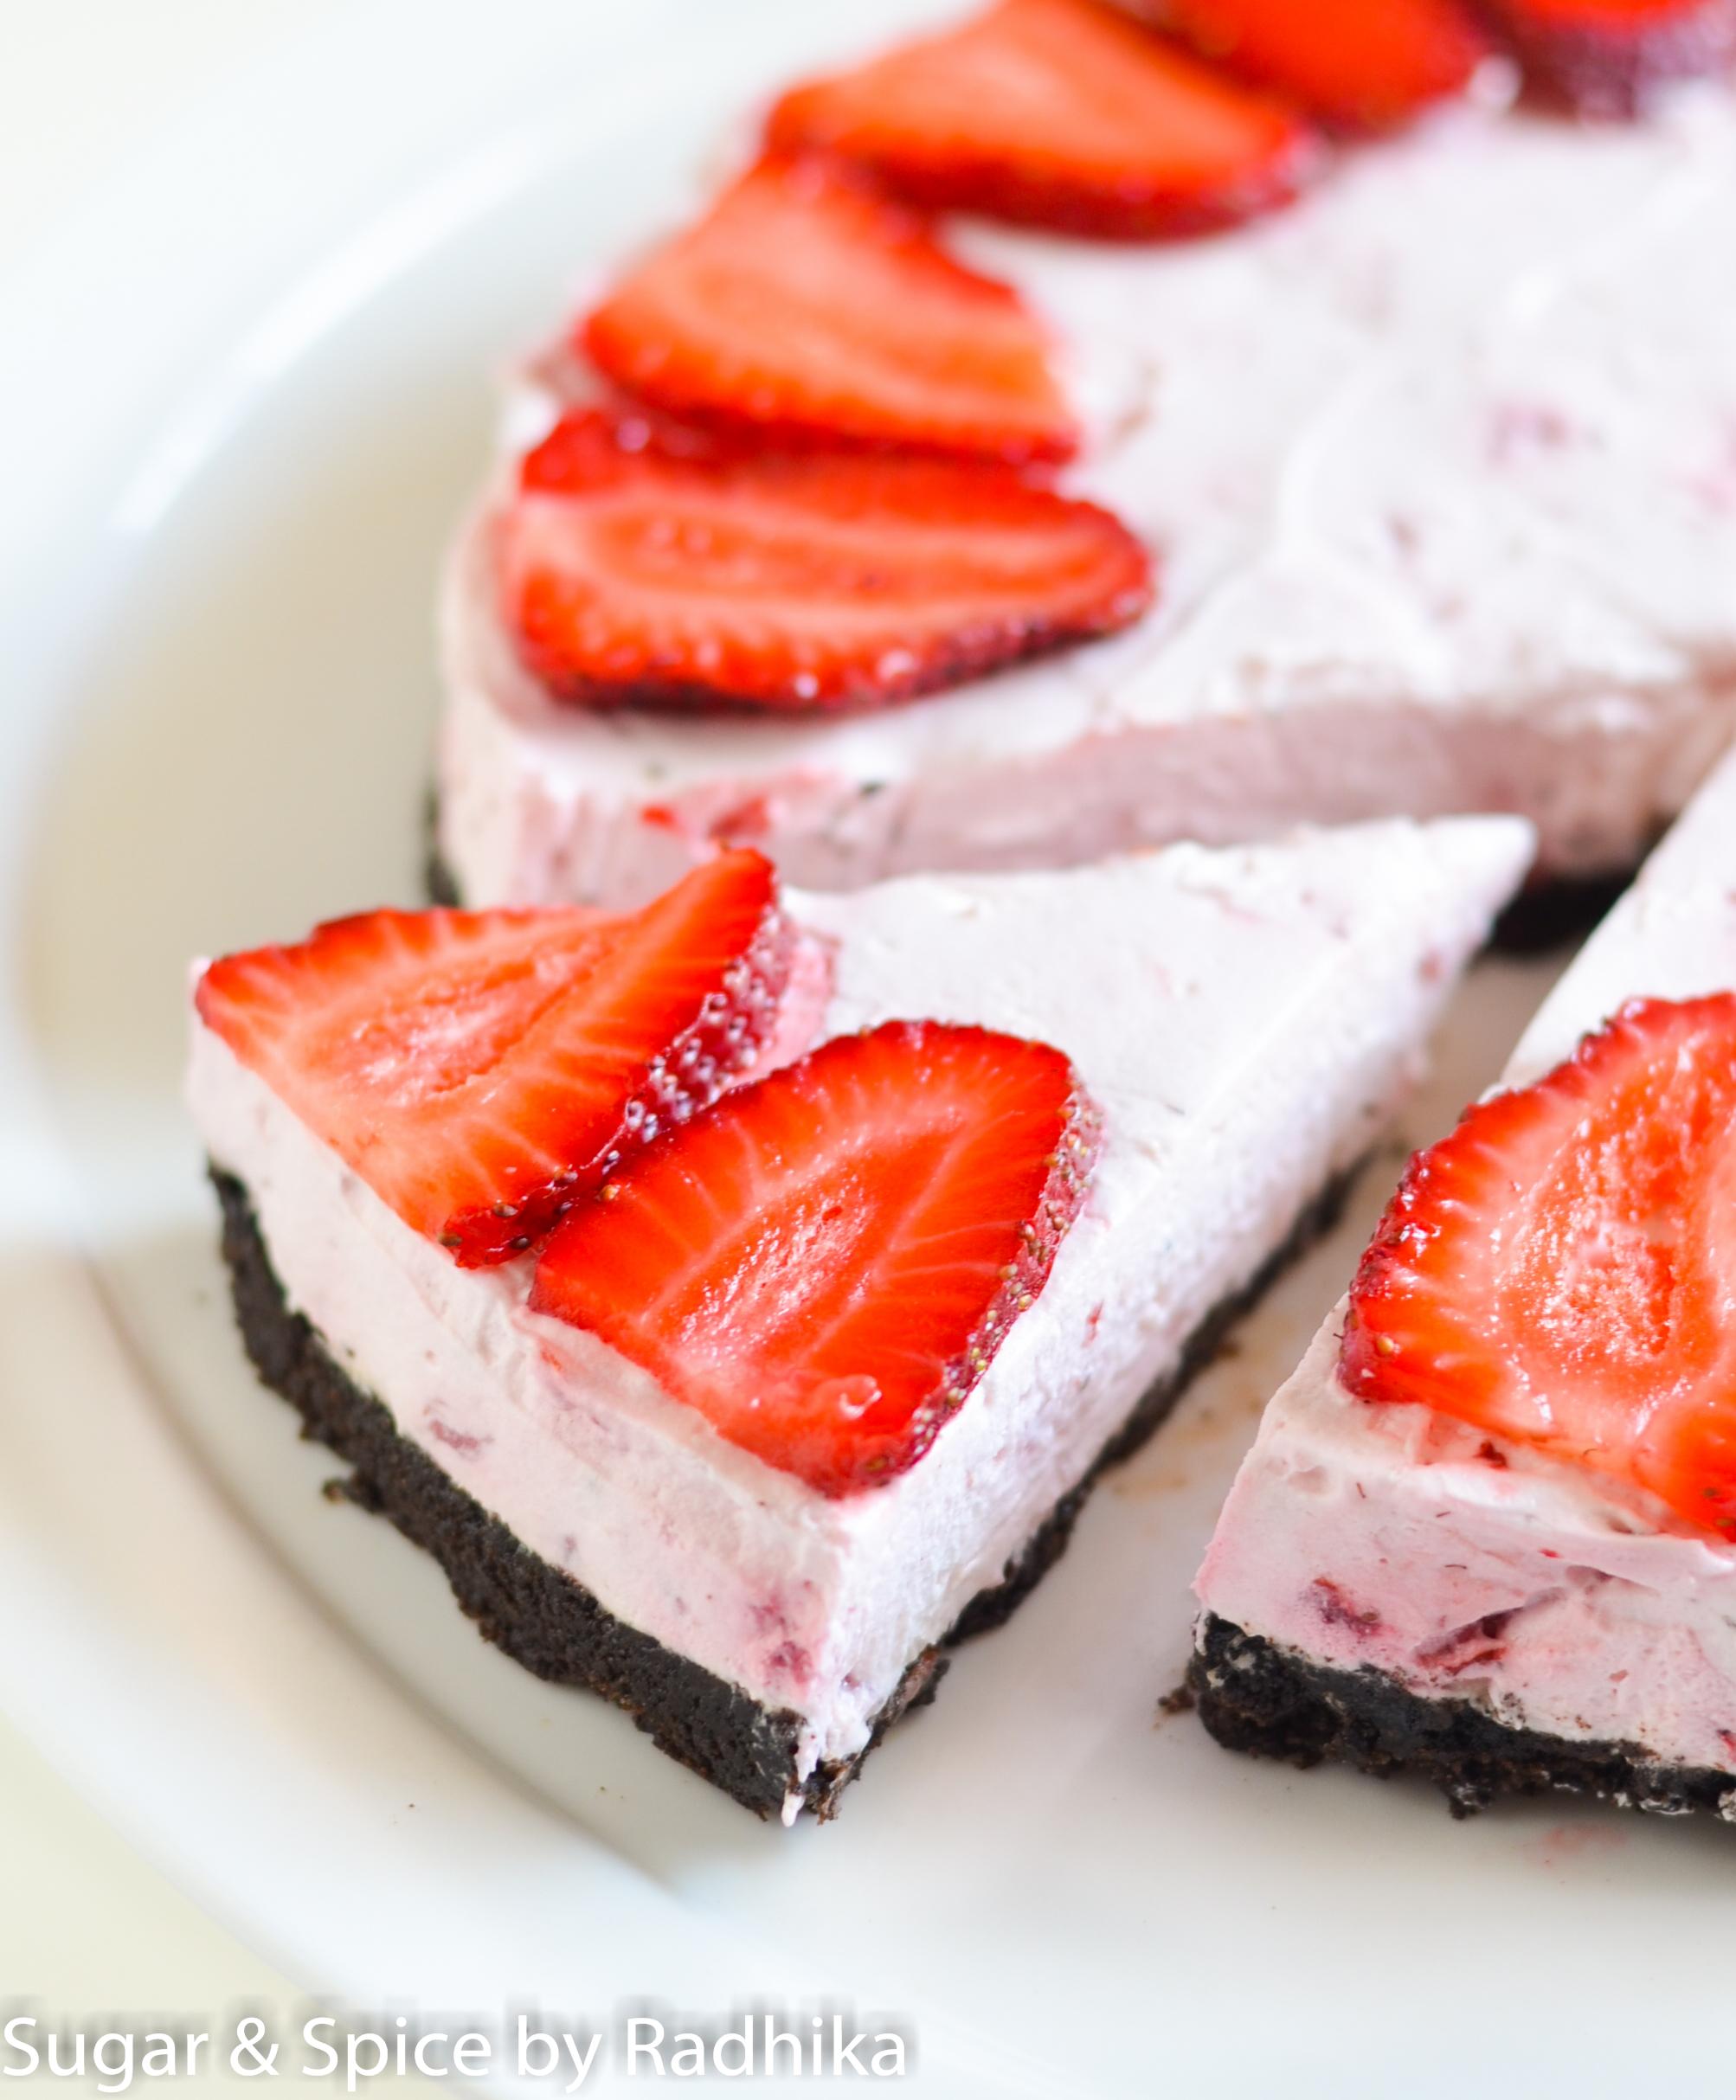 Strawberry and Oreo Cheesecake